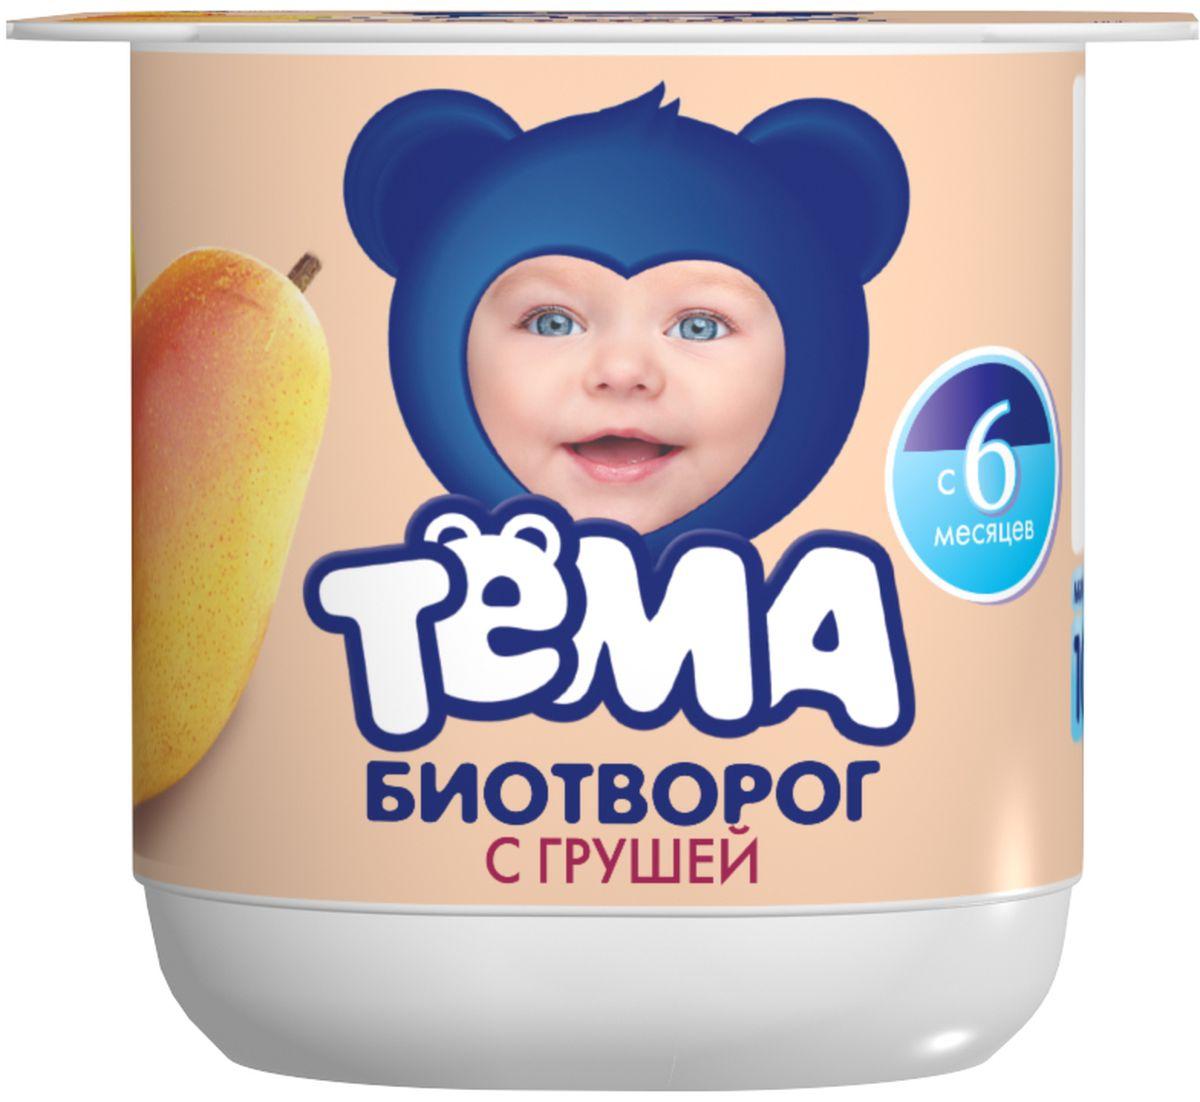 Биотворог детский Тёма, обогащенный бифидобактериями для детского питания.